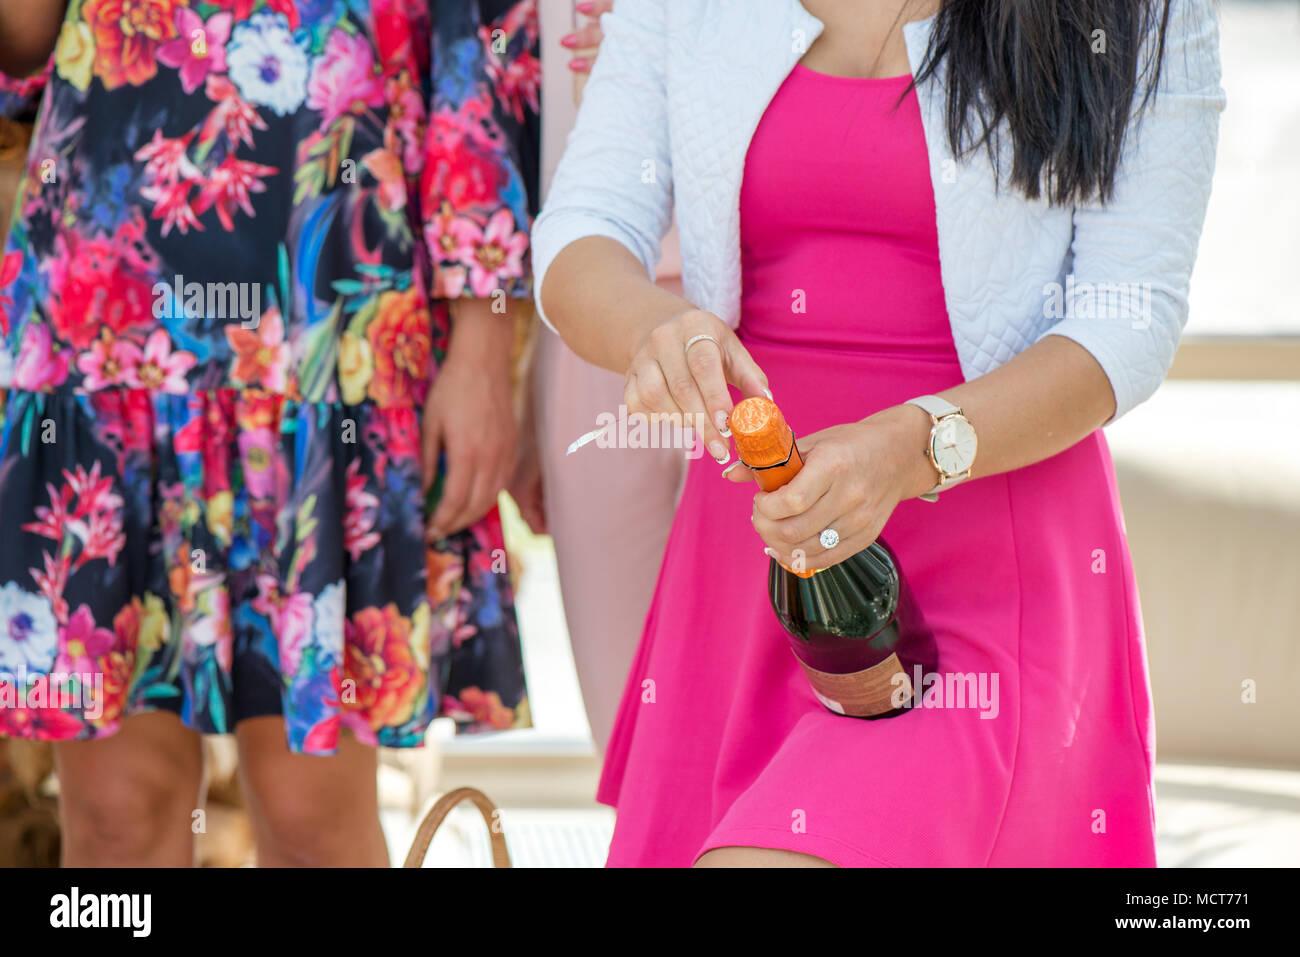 Mädchen in rosa Kleid öffnet Champagner Flasche die Getränke in ...